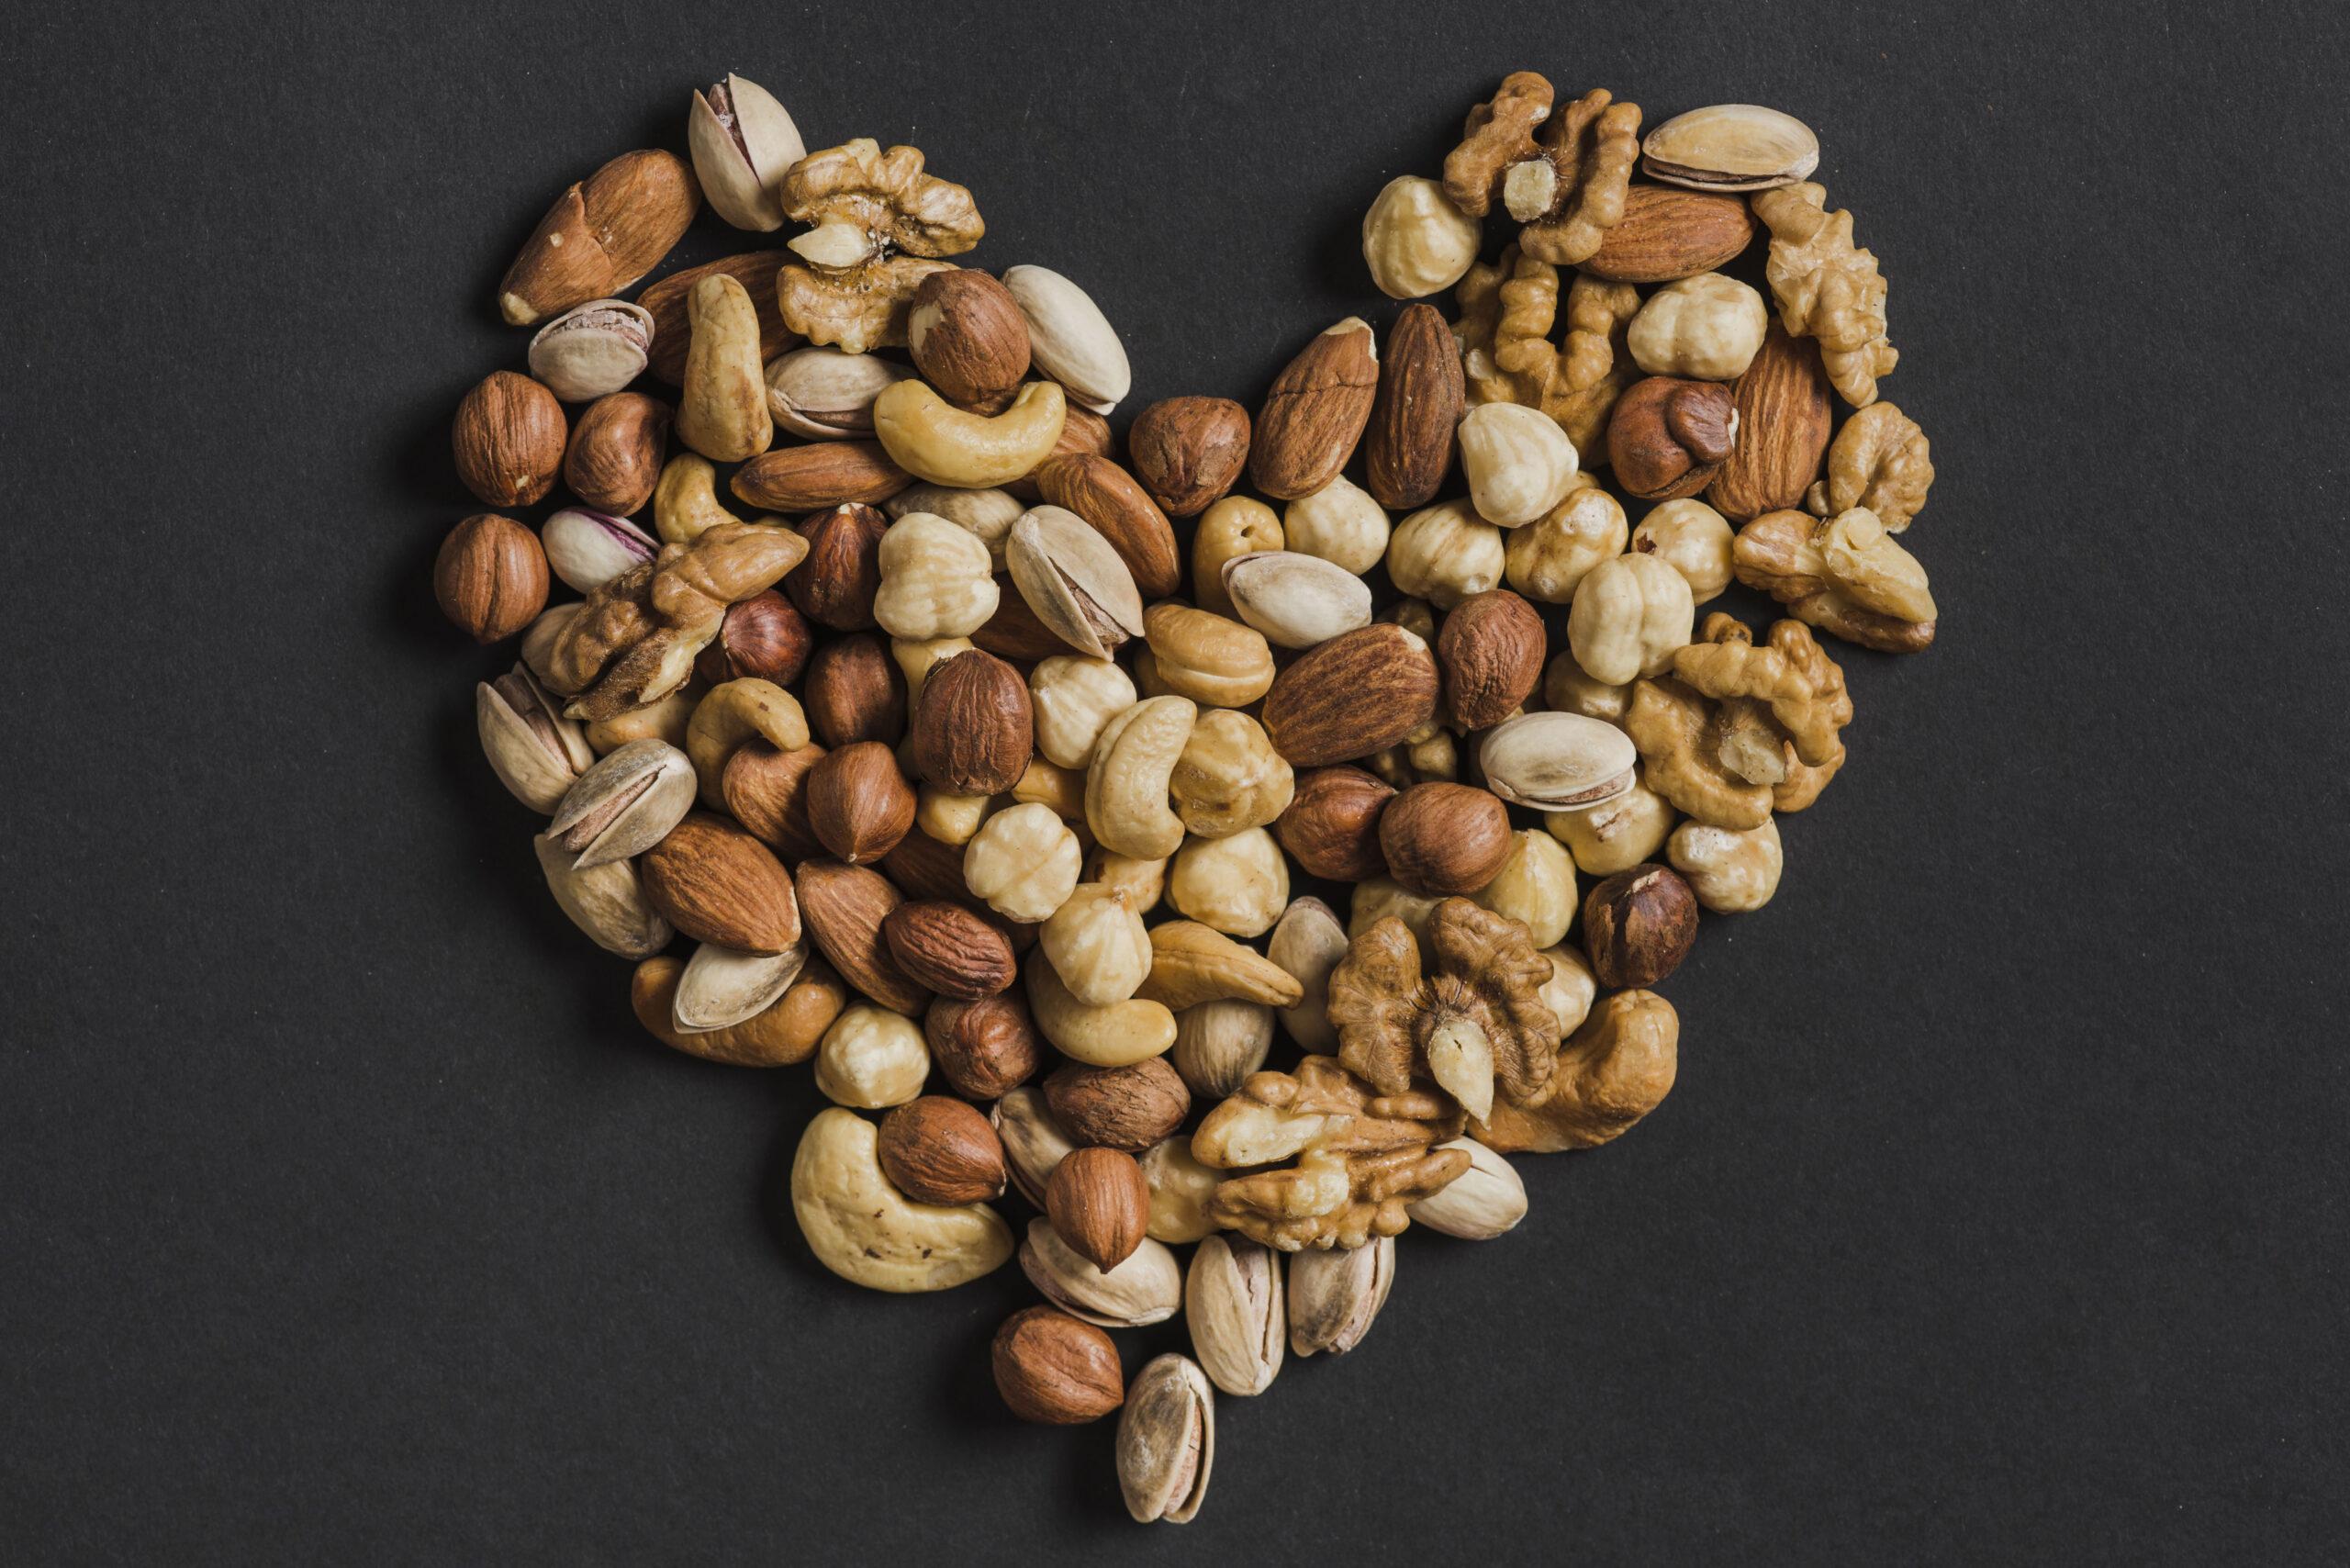 Castanhas, nozes e sementes organizadas em formato de coração